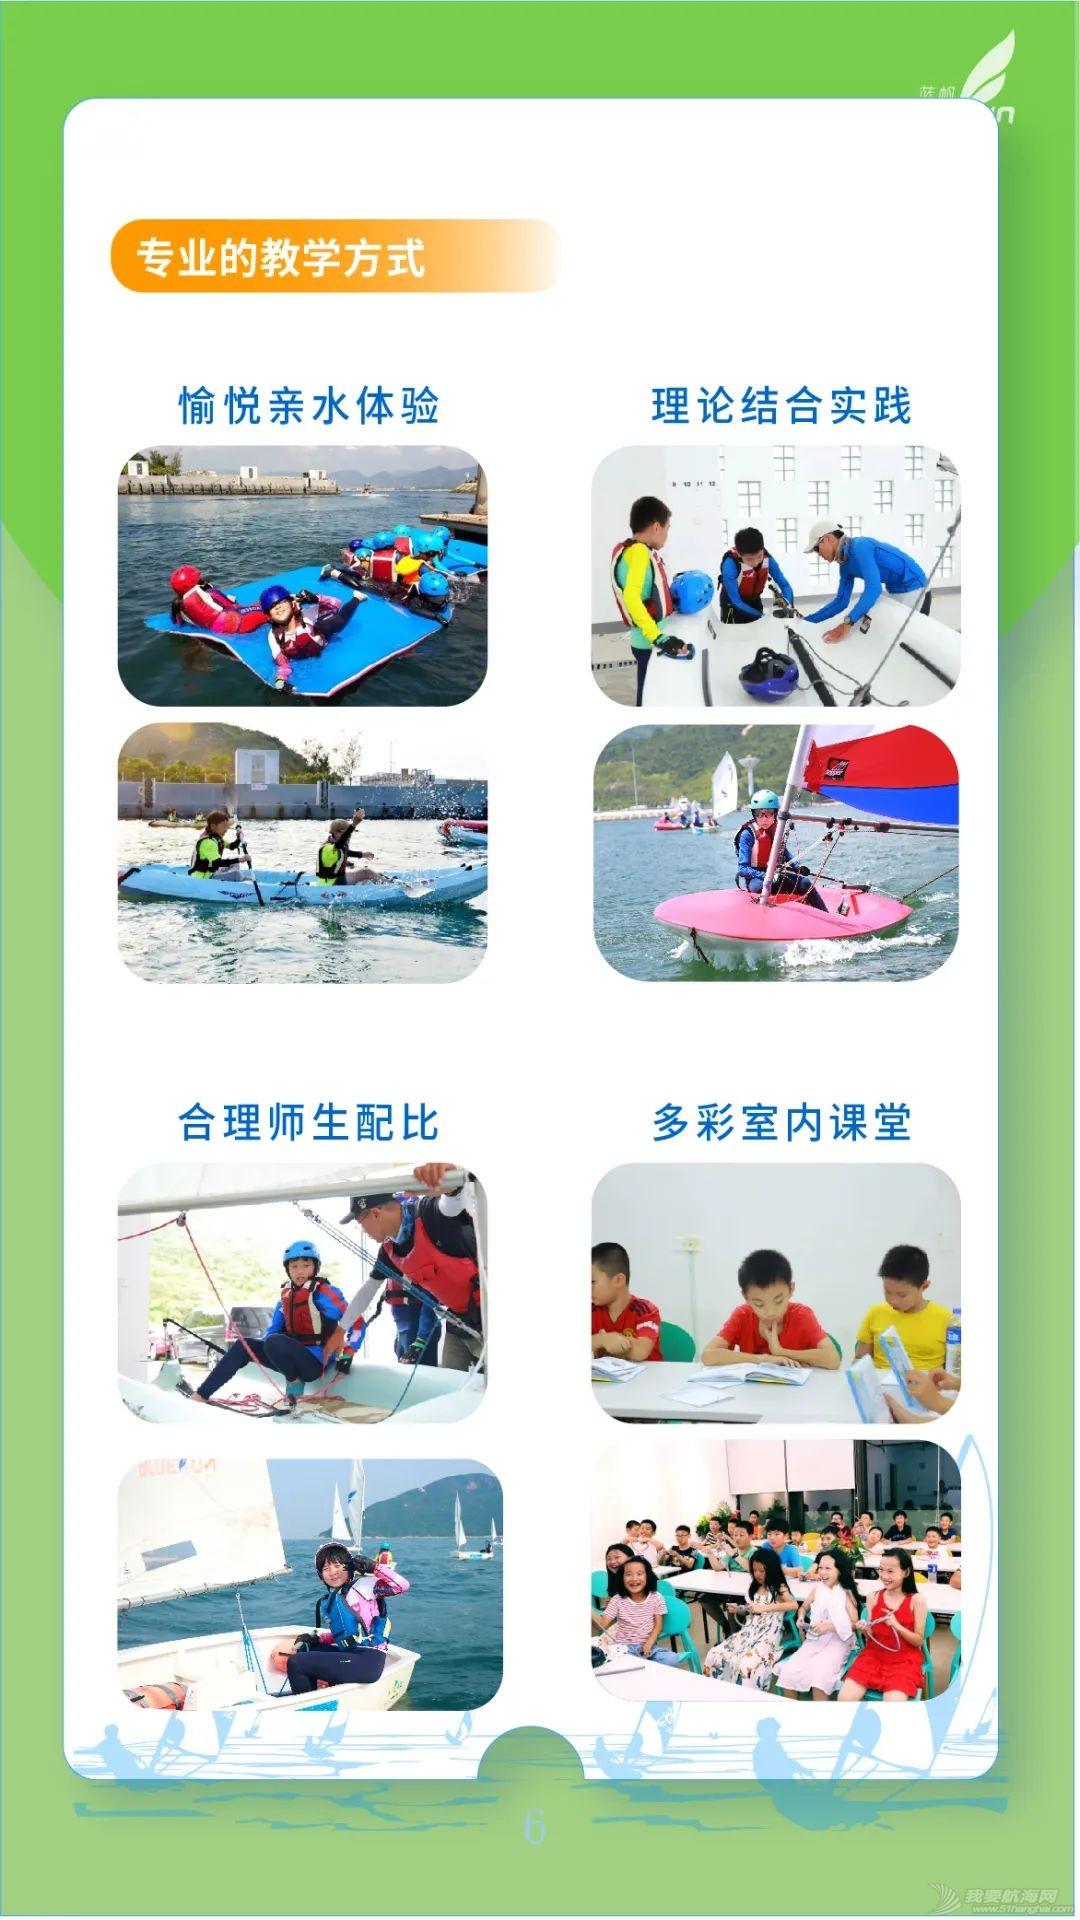 2021帆船夏令营之华南篇|中帆协小帆船认证培训中心营业啦②w25.jpg